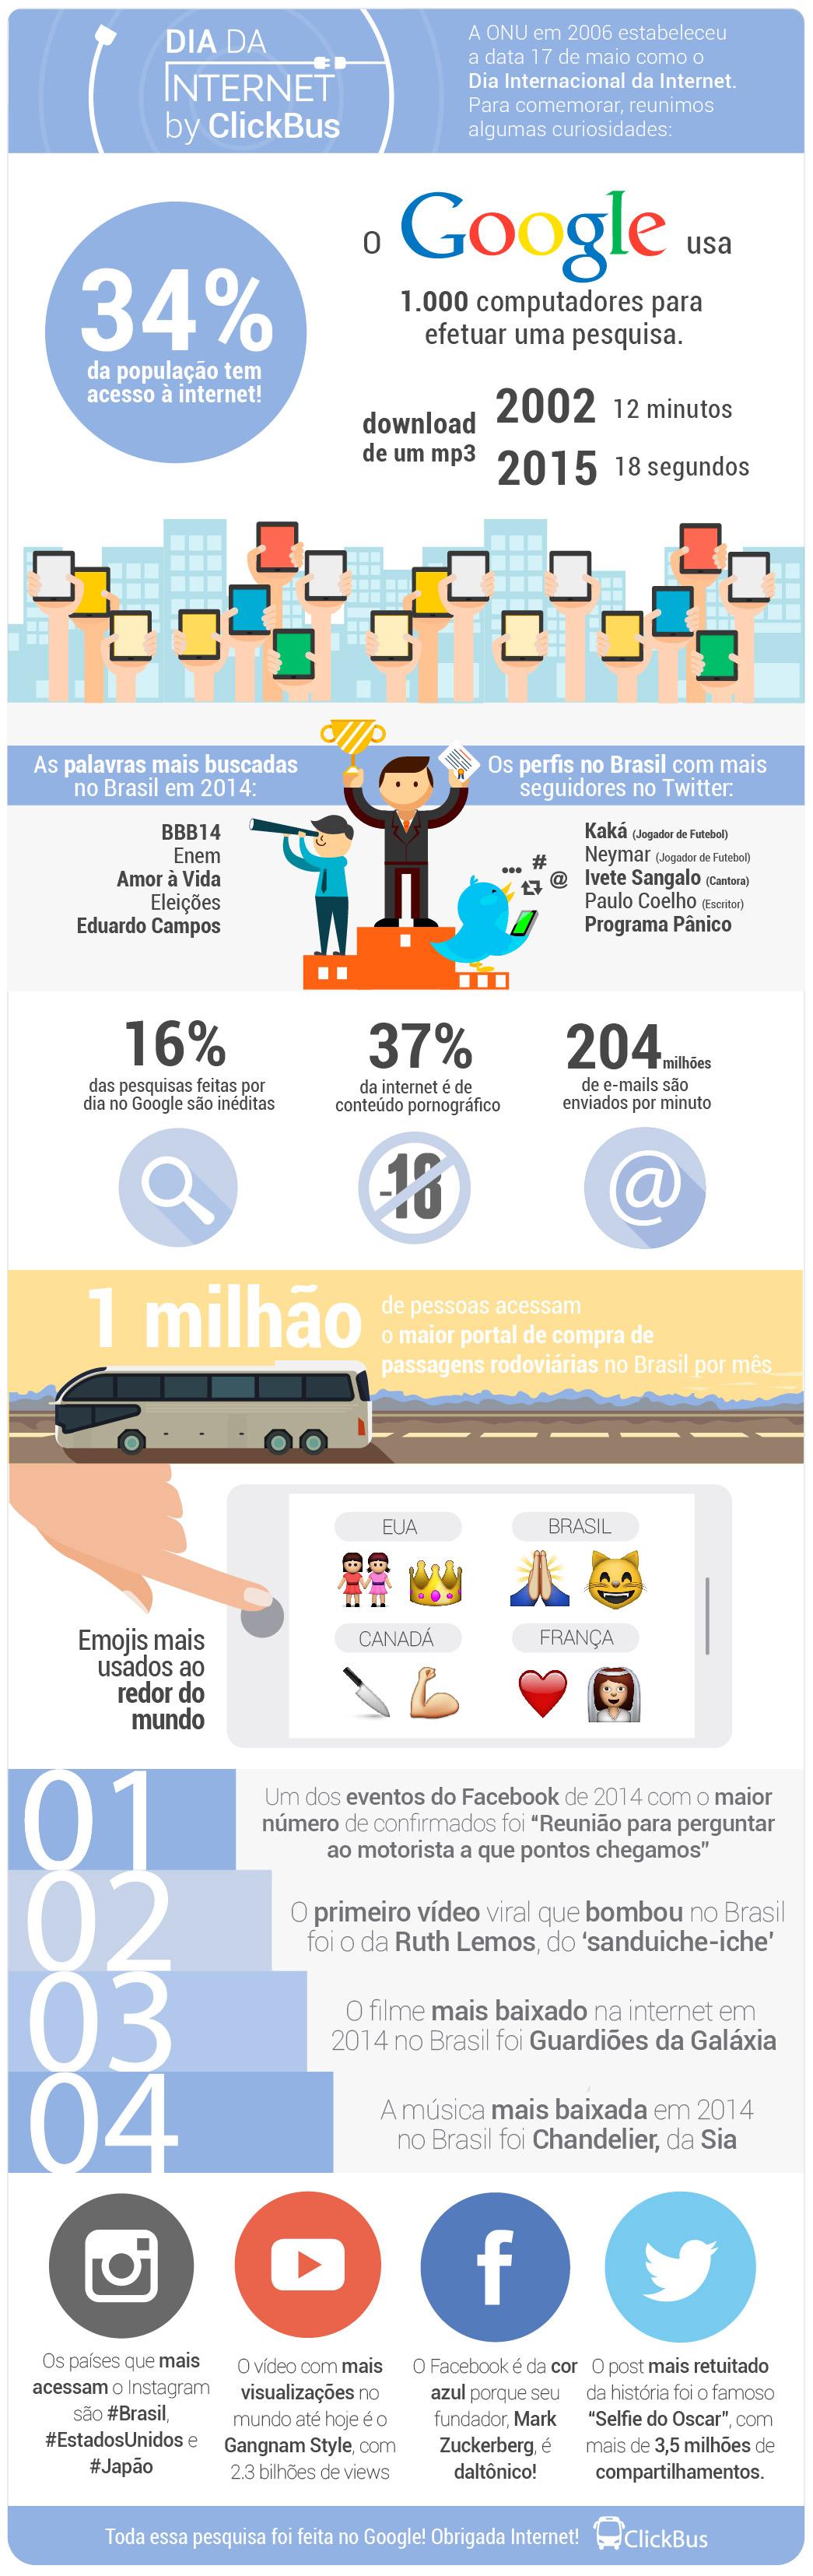 Dia da Internet - Infográfico | Clickbus